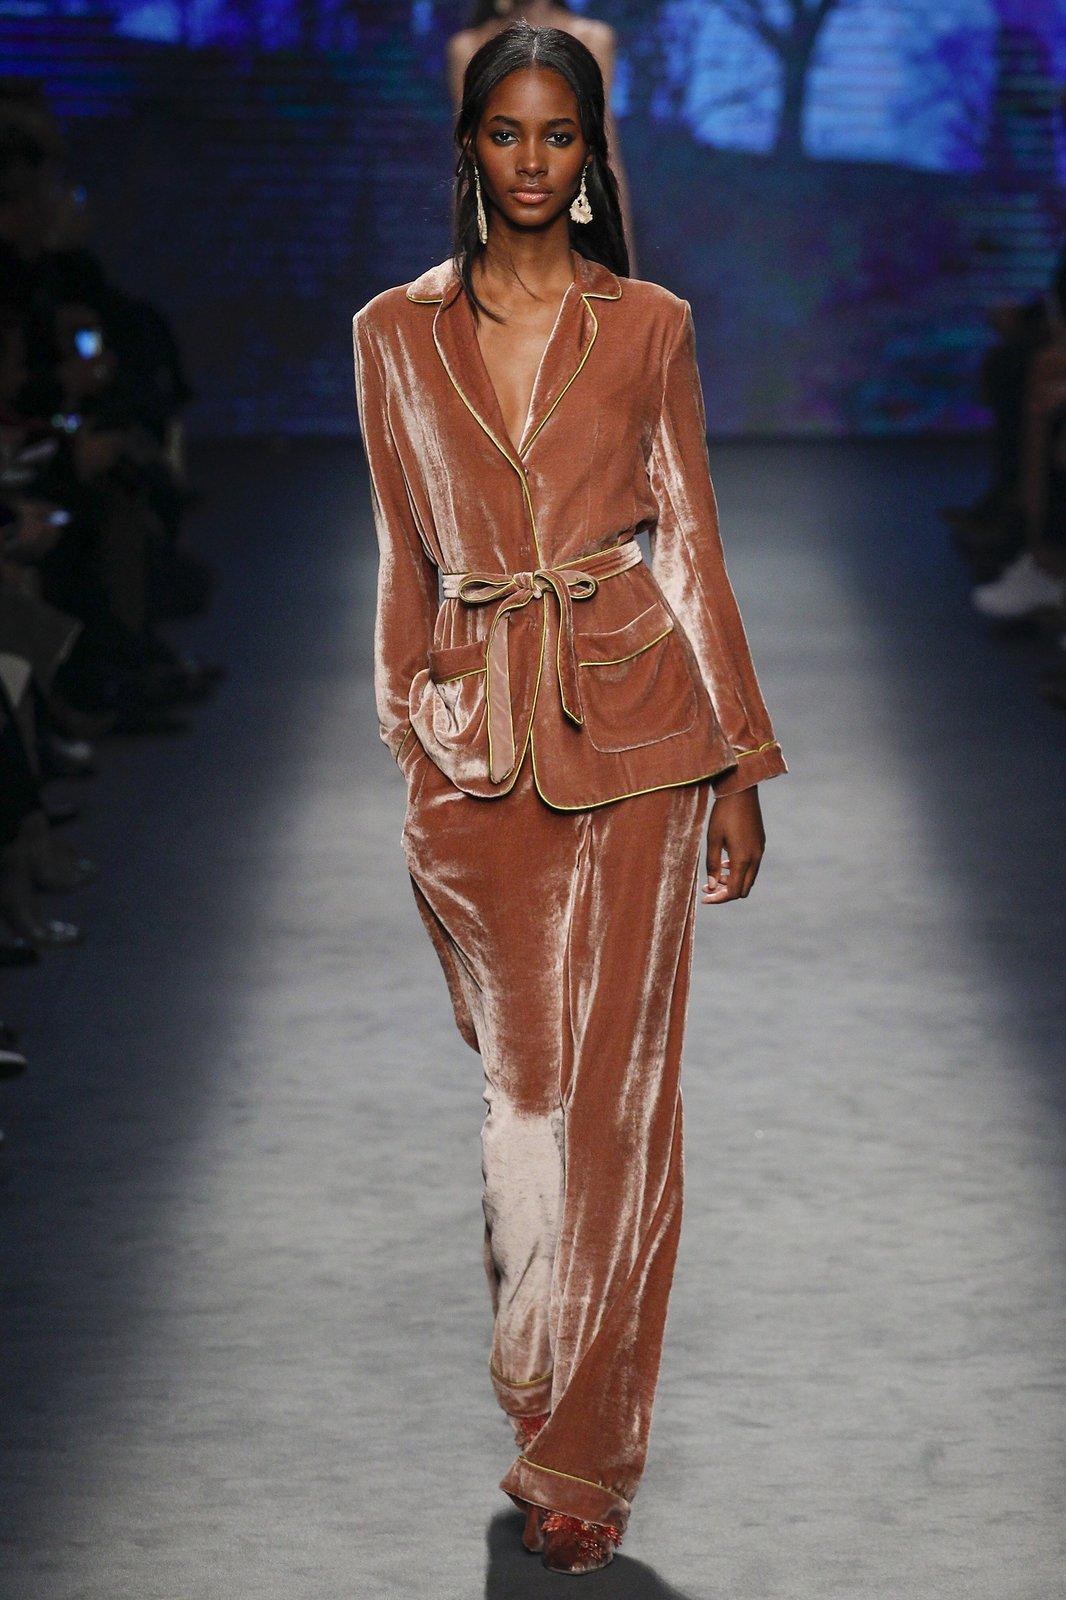 Γυναικεία μόδα  Τι θα φορεθεί φέτος το φθινόπωρο c3c0f5a3e6d